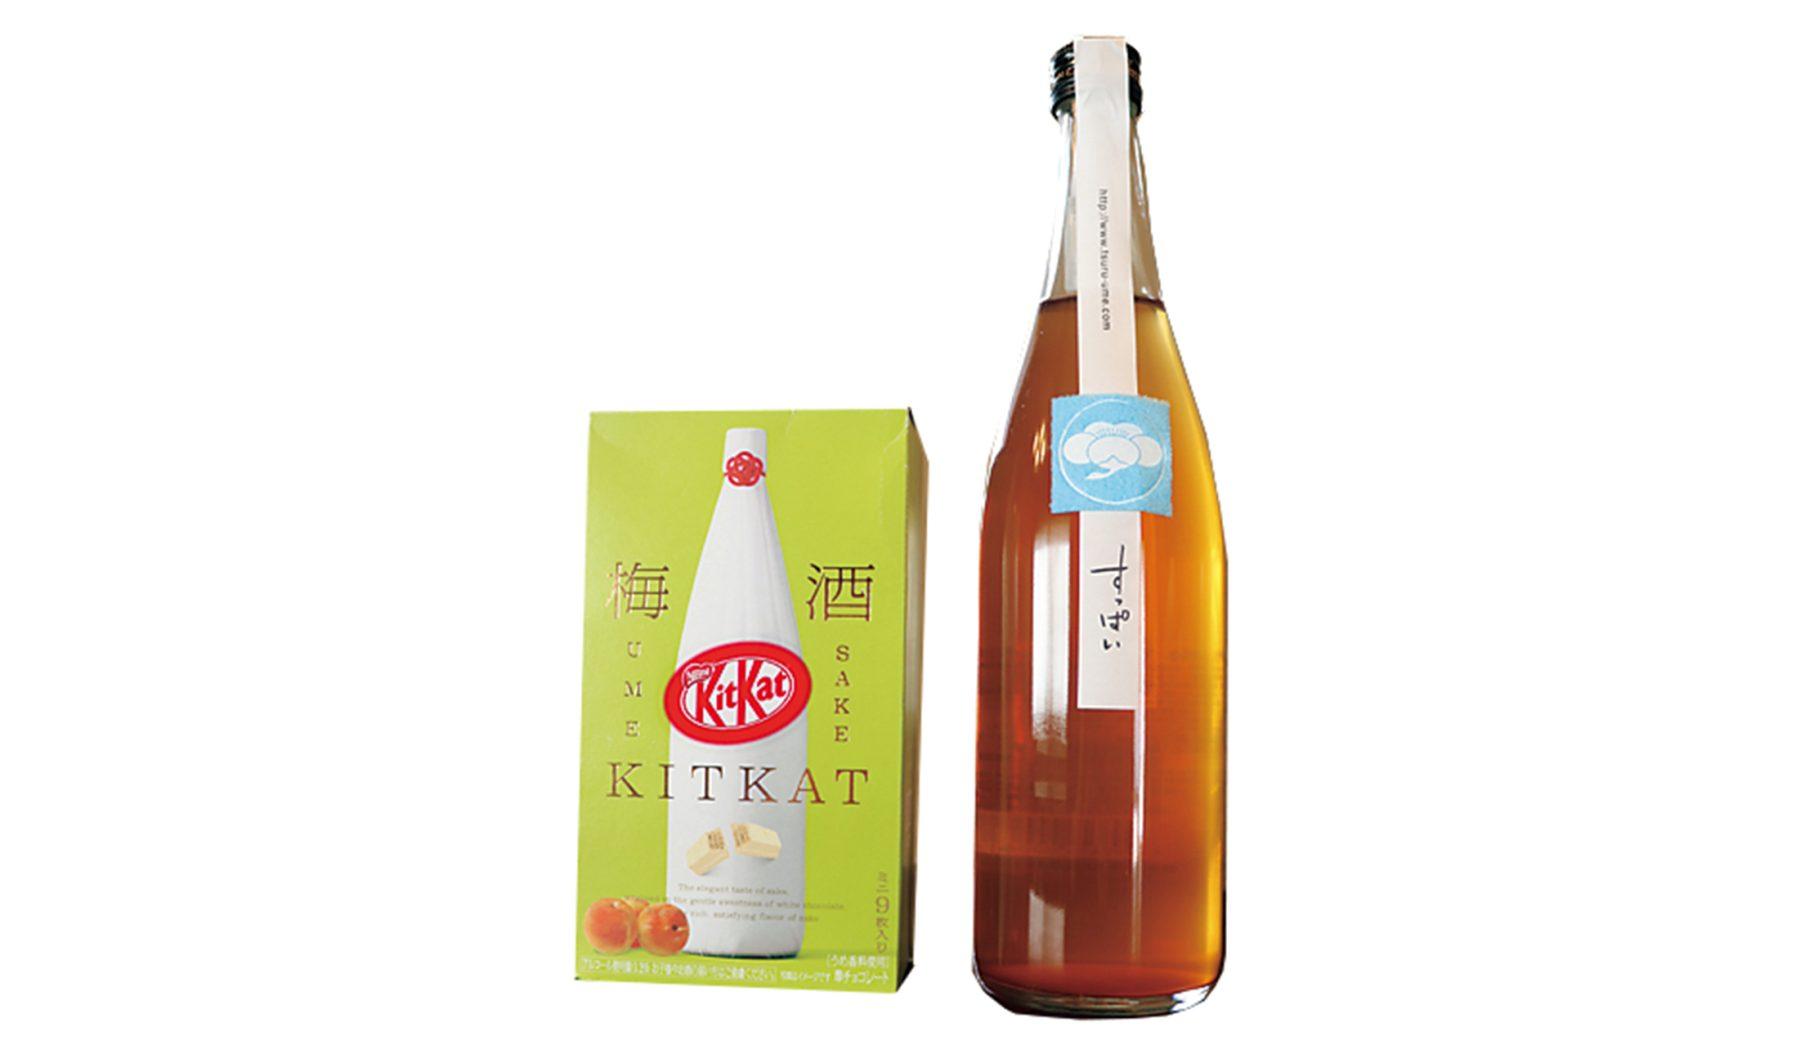 キットカット 梅酒 鶴梅